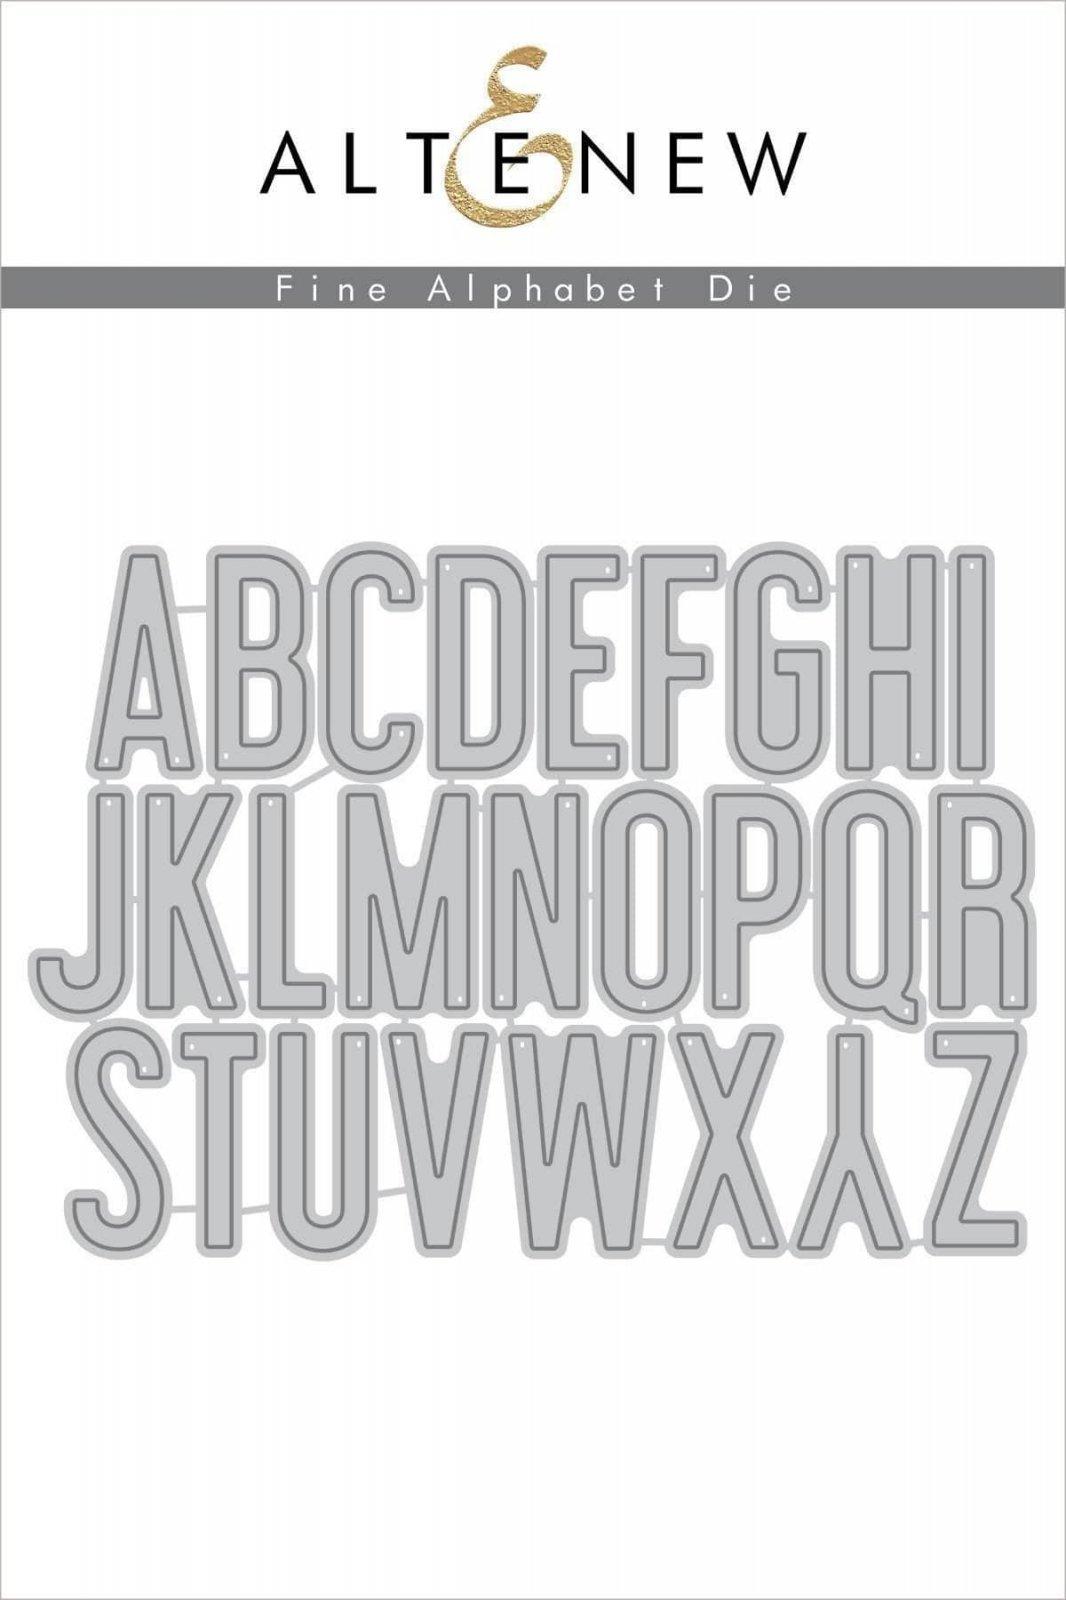 Altenew Fine Alphabet Die Set